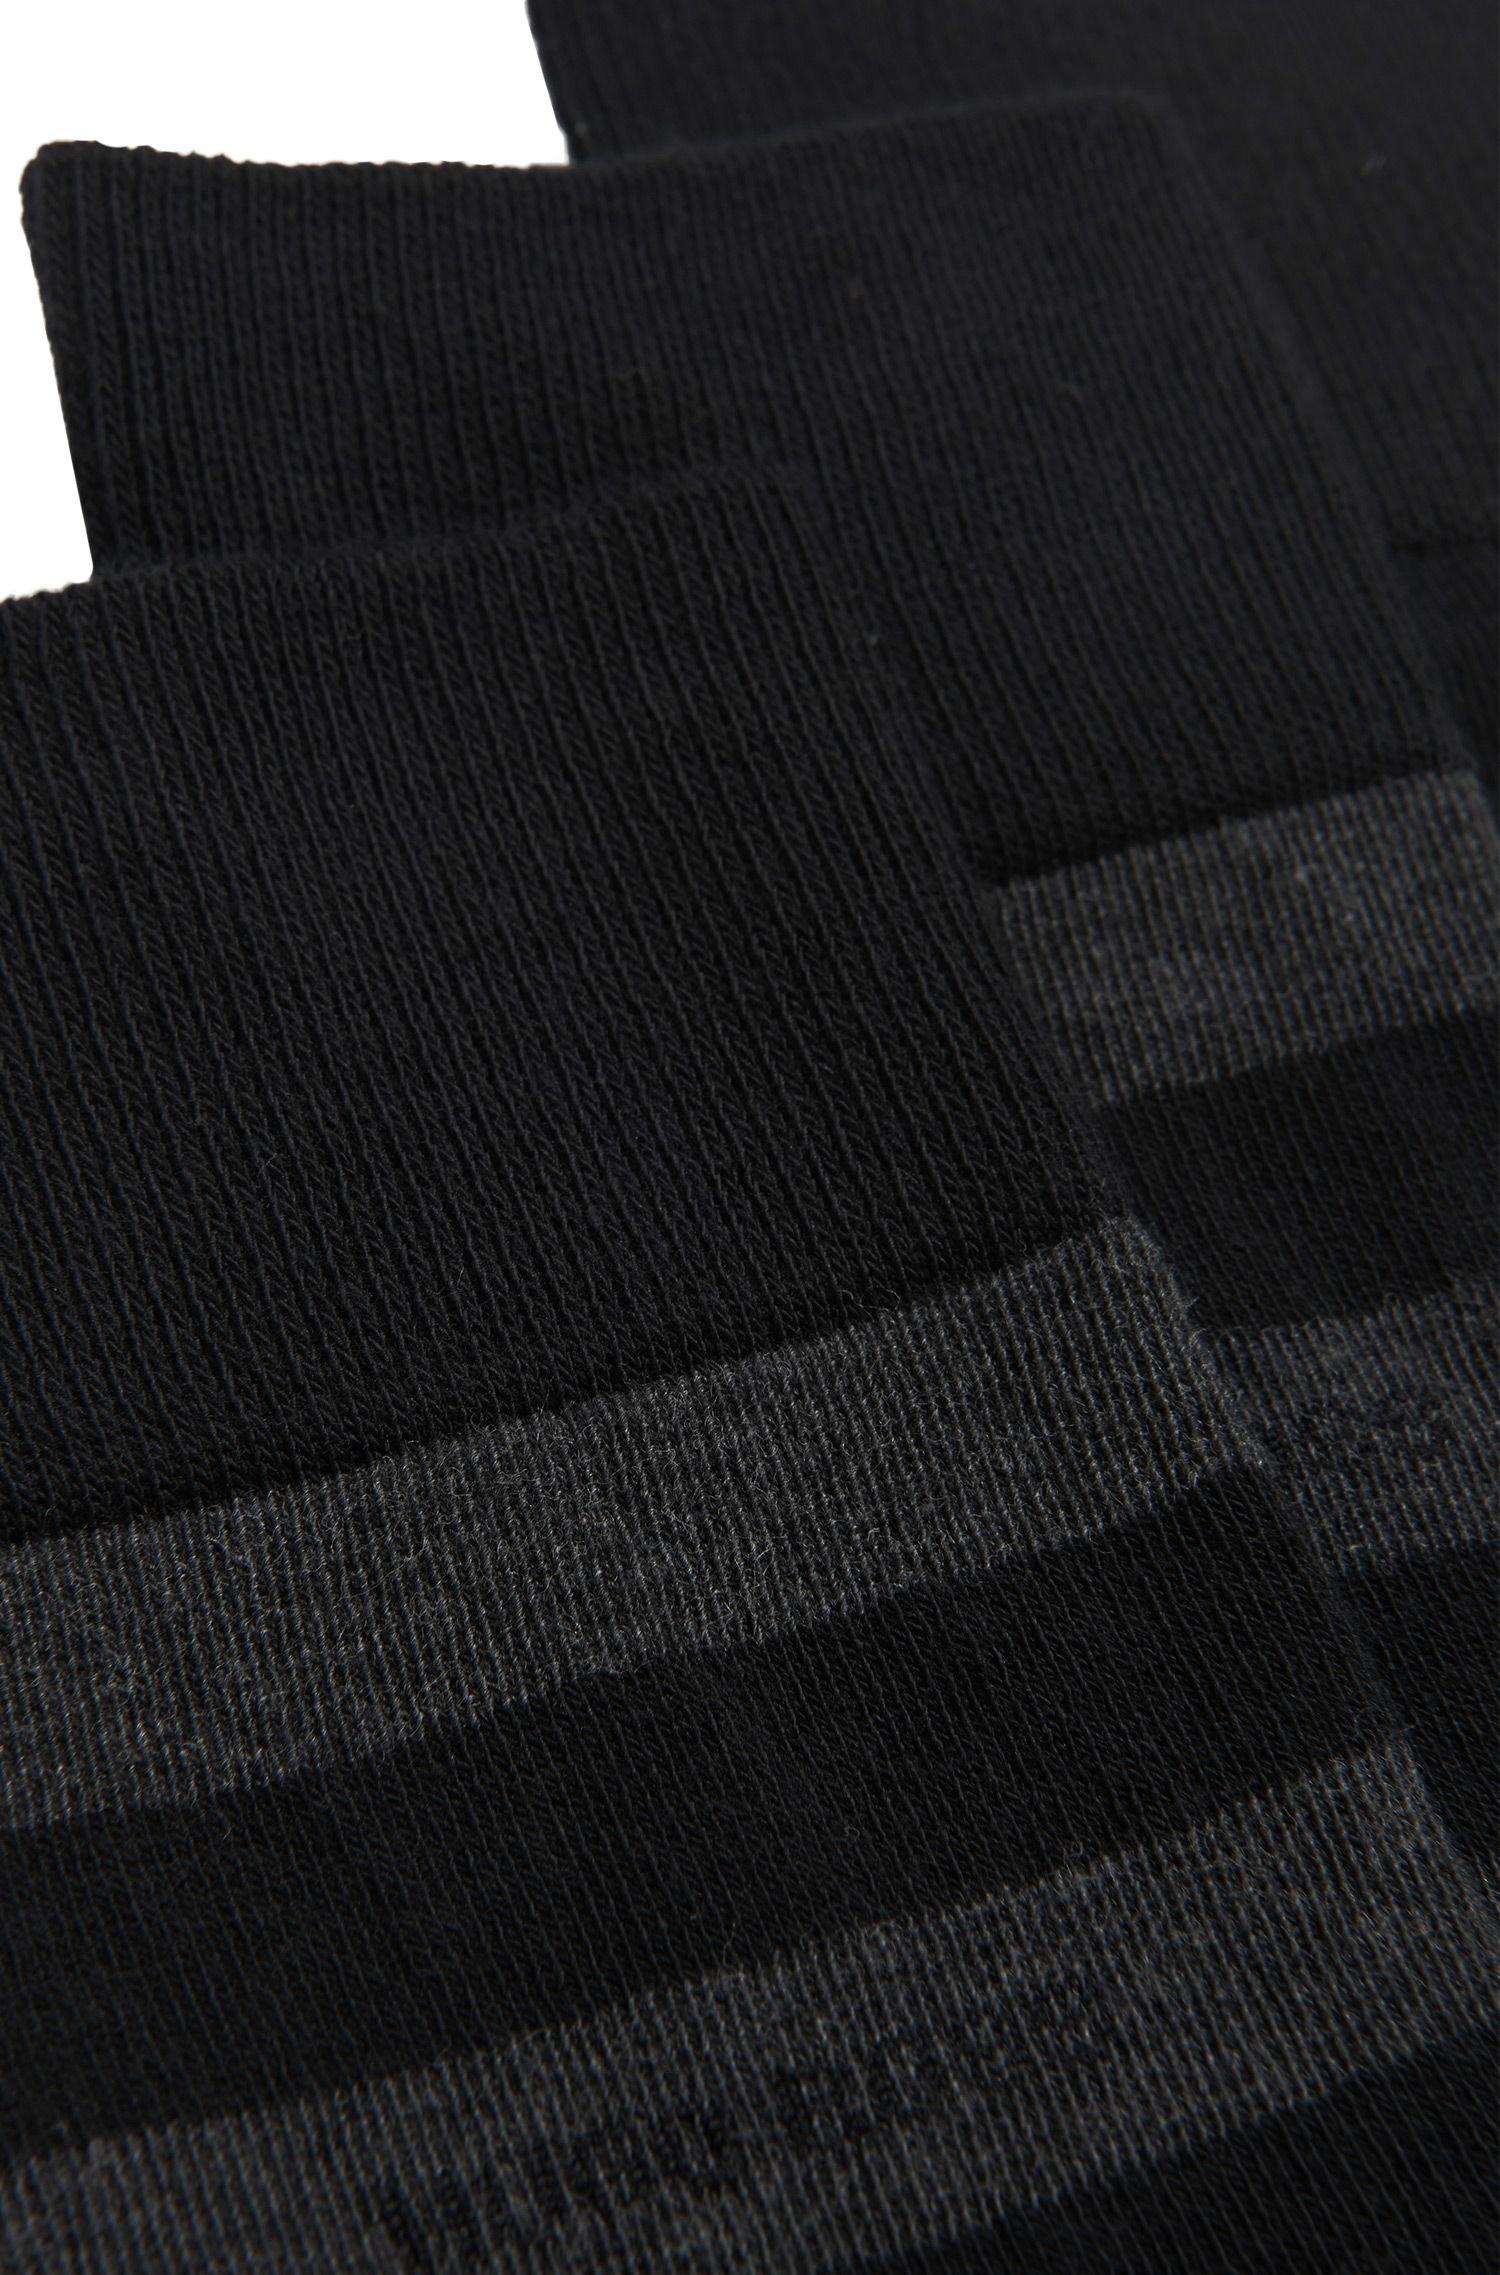 Socken aus Baumwoll-Mix im Zweier-Pack: 'Twopack Block Stripe'